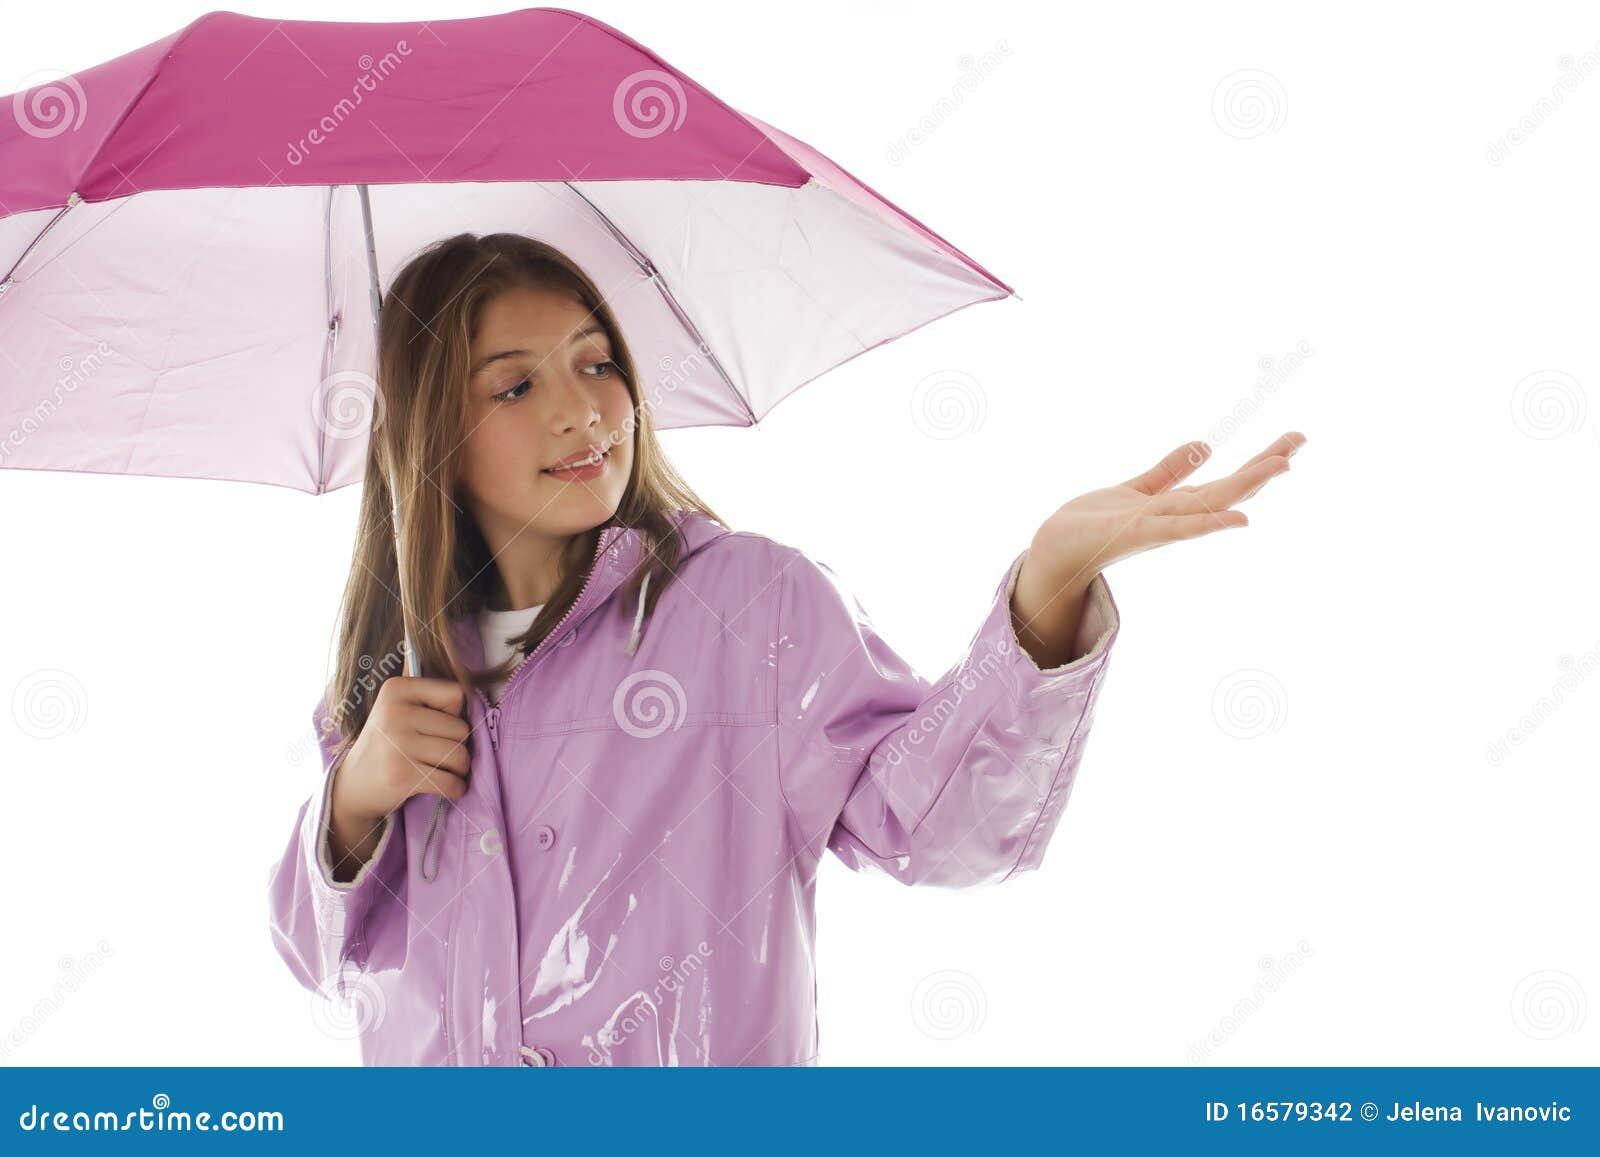 Jong meisje in een regenjas en holding een paraplu